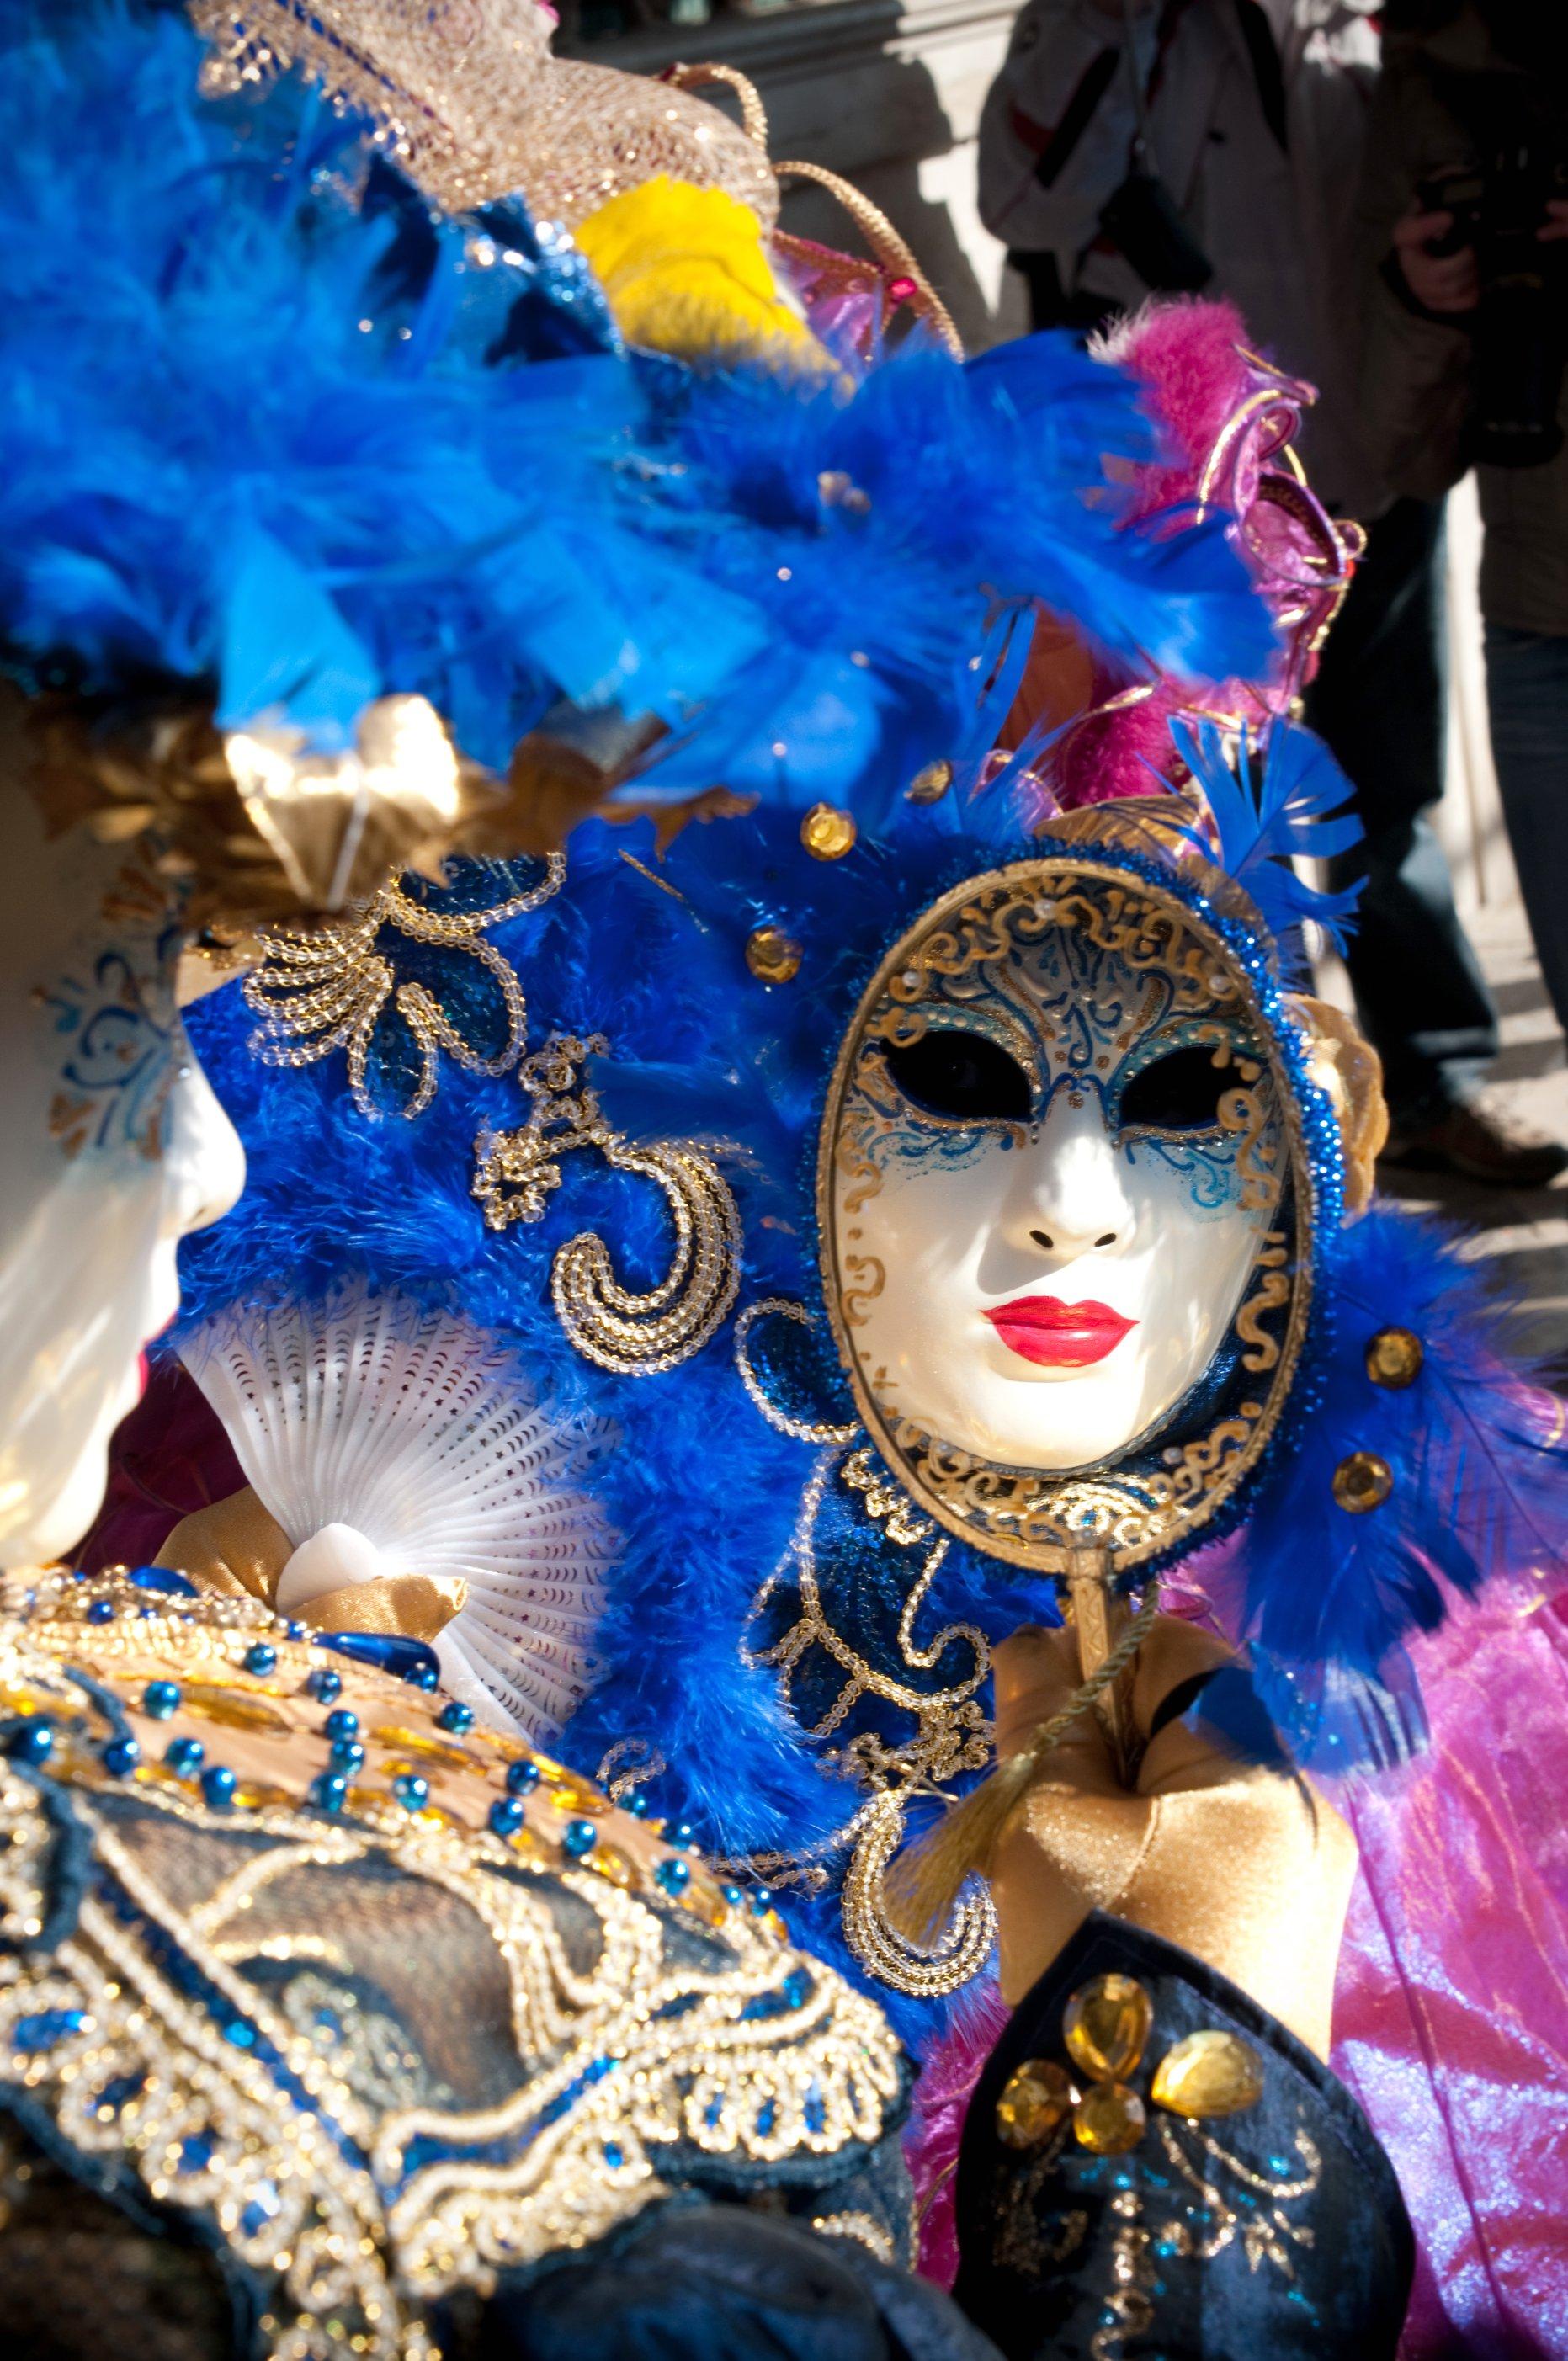 Carnevale Venezia_5495445440_o